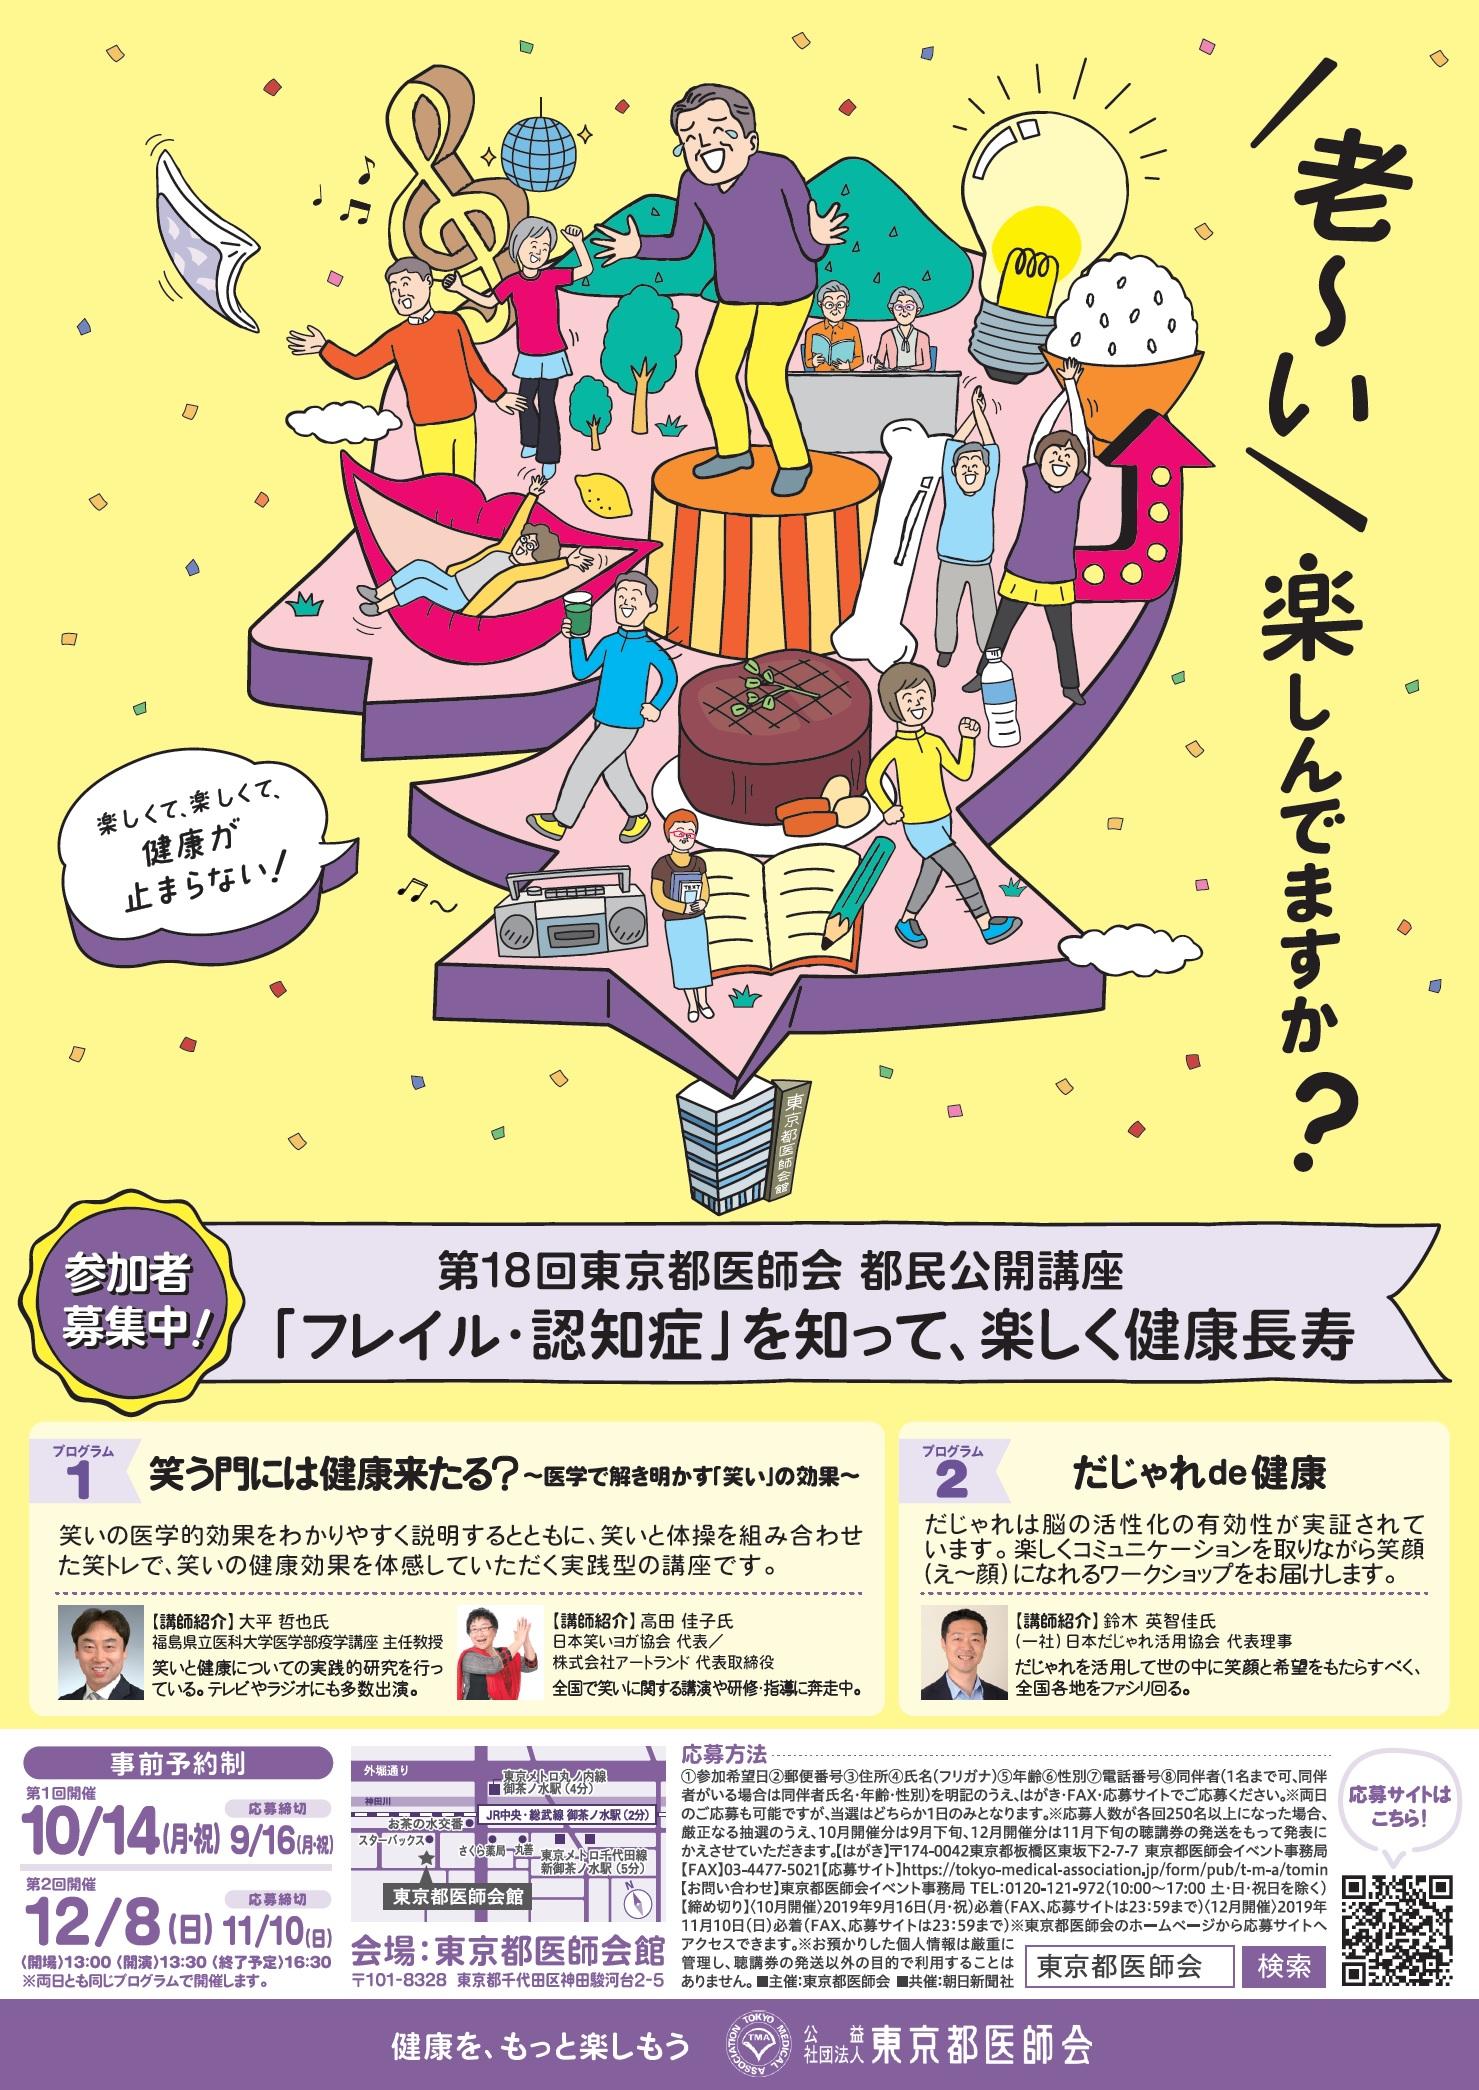 第18回 東京都医師会 都民公開講座「『フレイル・認知症』を知って、楽しく健康長寿」